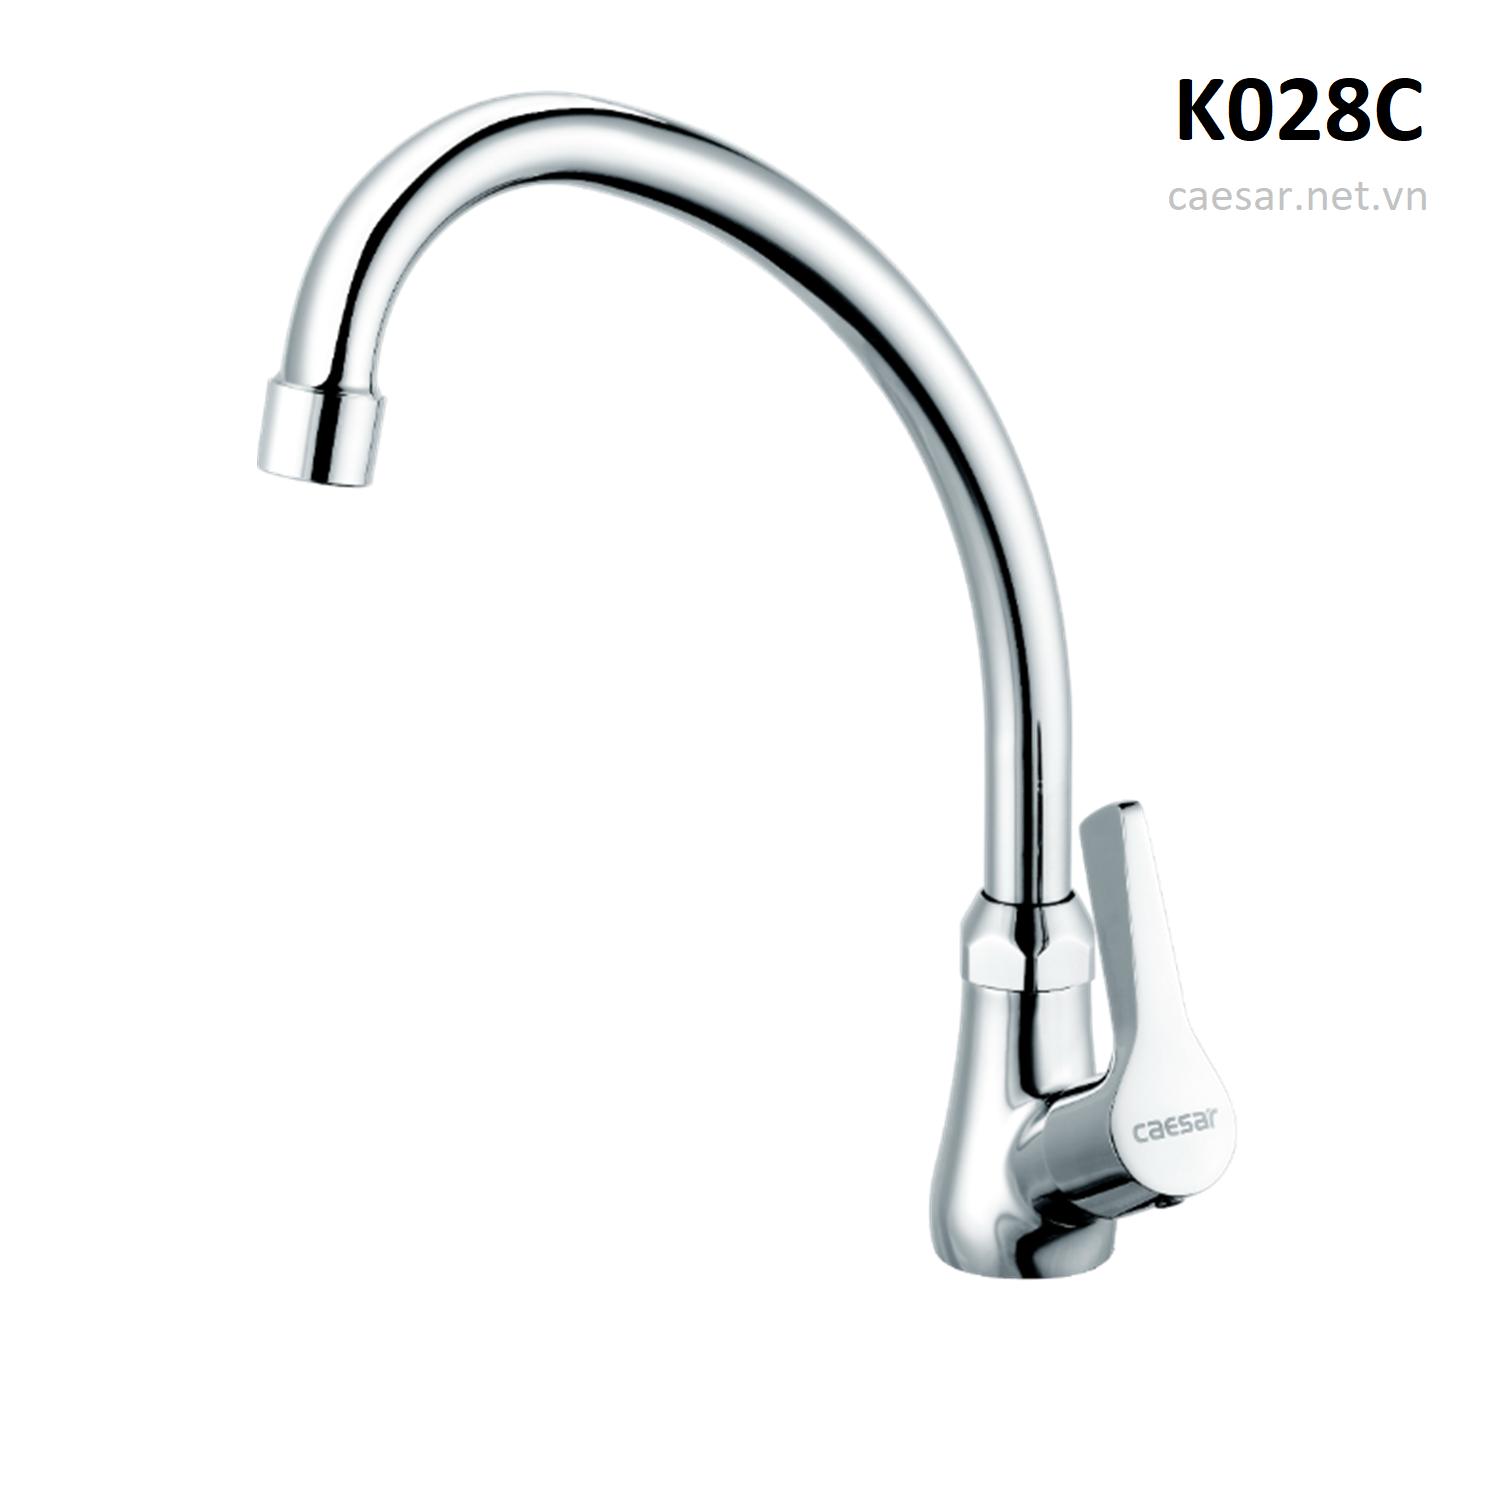 Vòi bếp lạnh - K028C